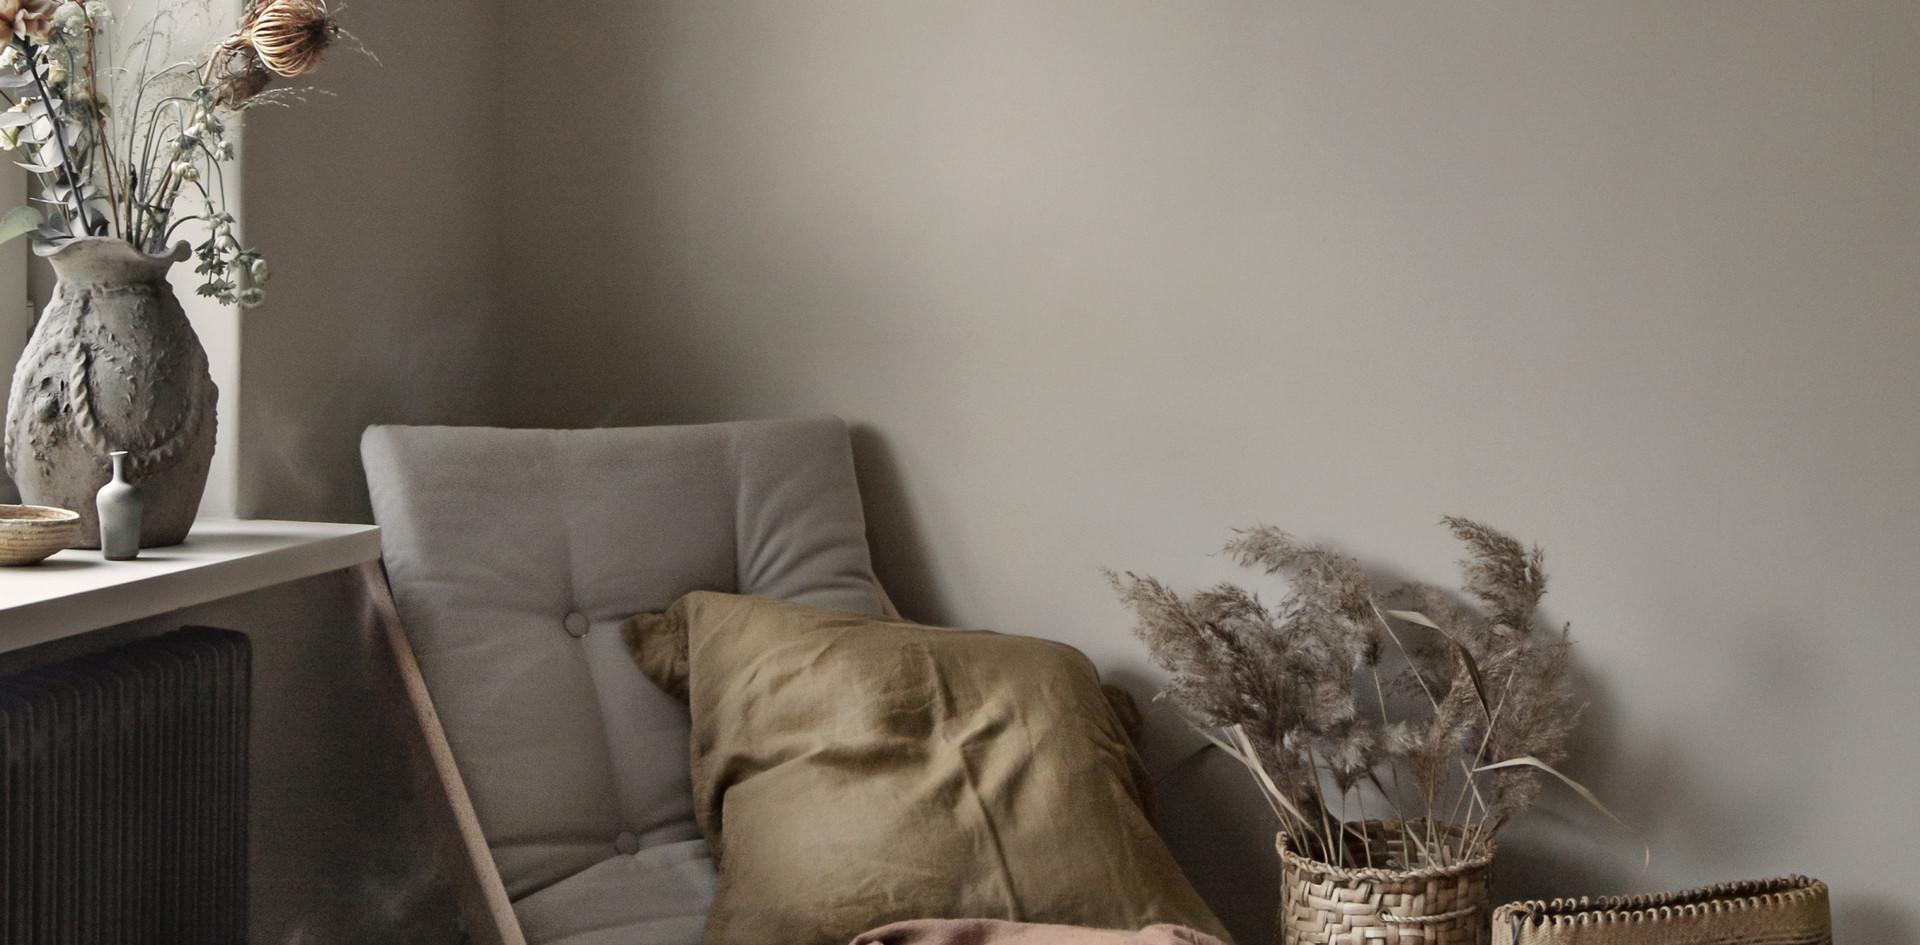 ξύλινη πολυθρόνα με φουτόν μαξιλάρι σε πολλά χρώματα